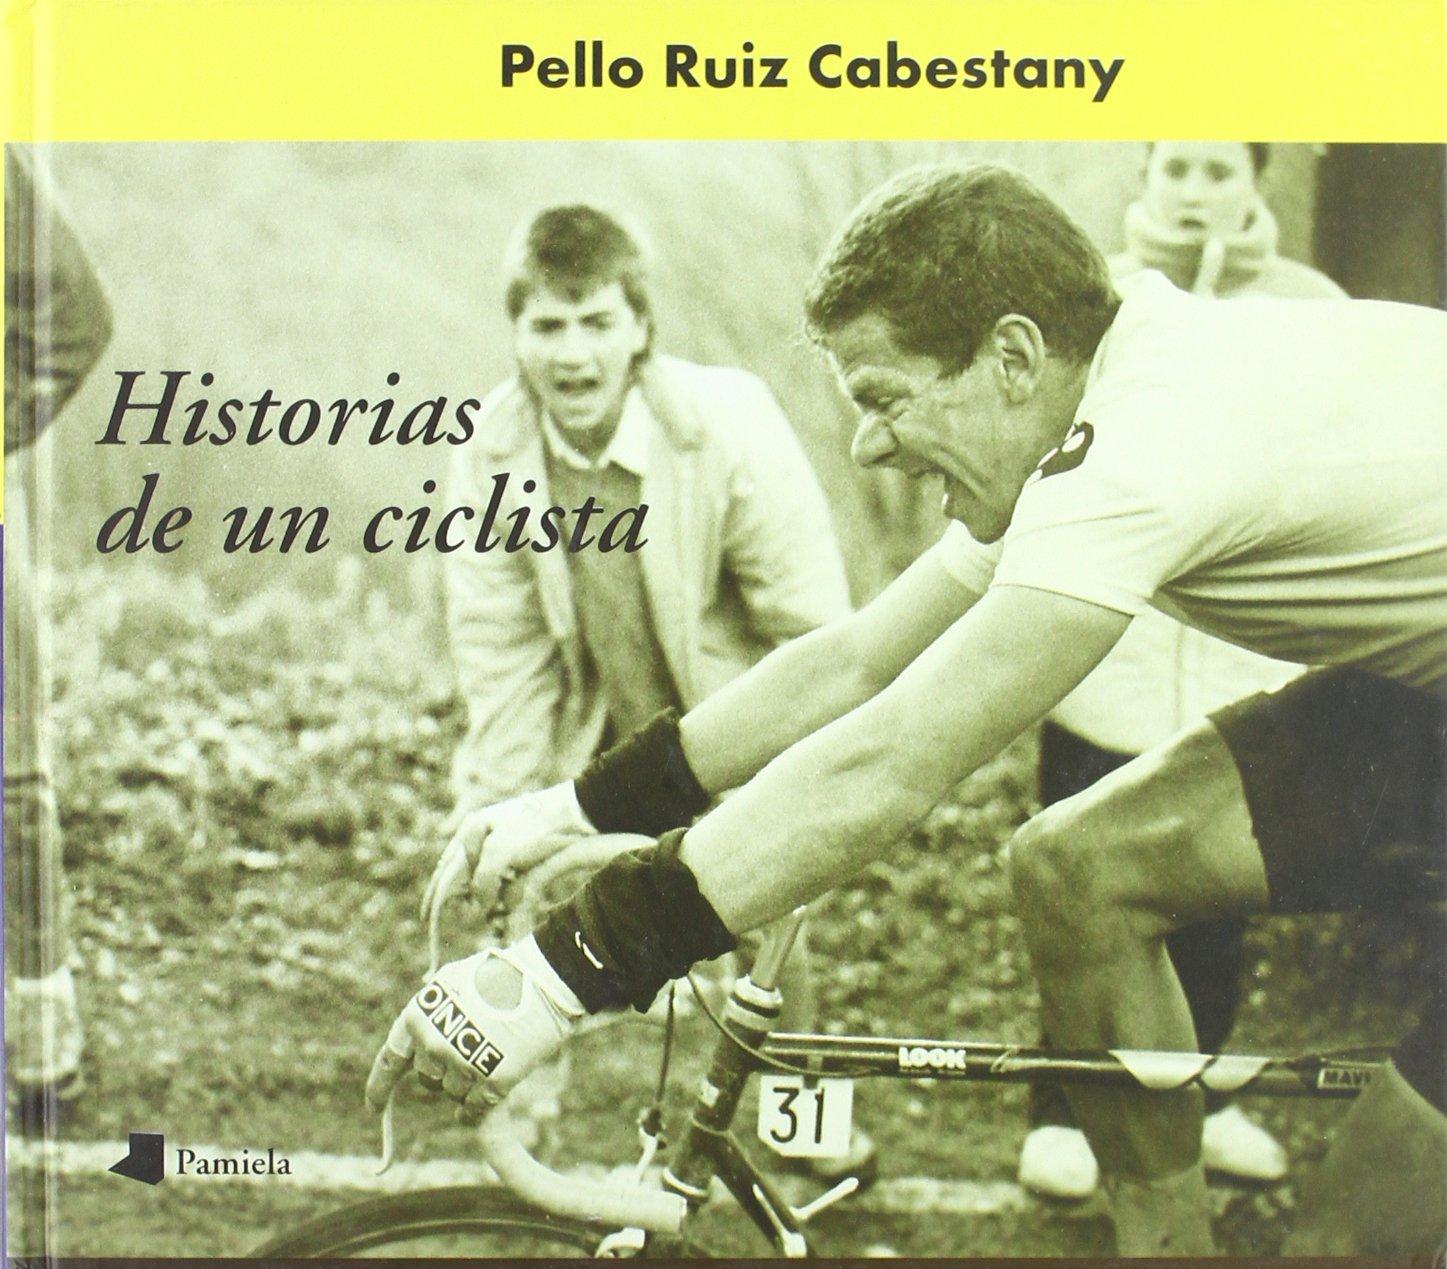 Historias de un ciclista (Ganbara): Amazon.es: Ruiz Cabestany, Pello: Libros